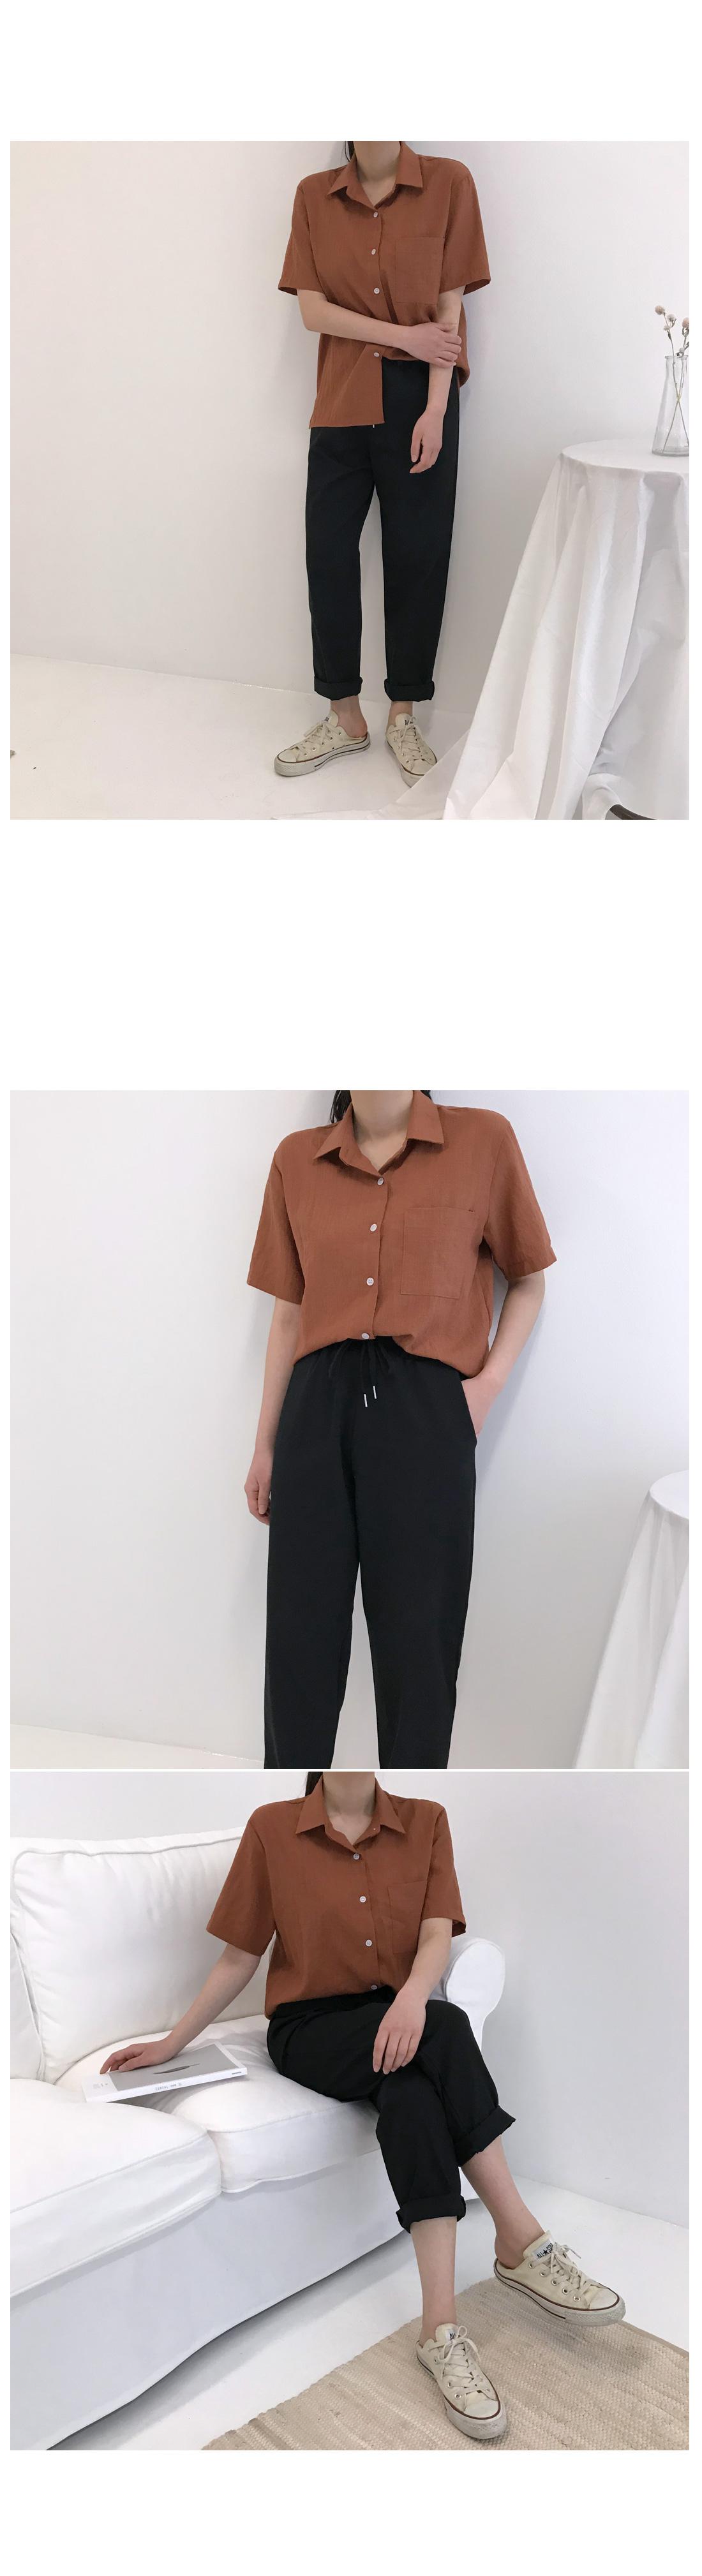 Ino Short Sleeve Shirt